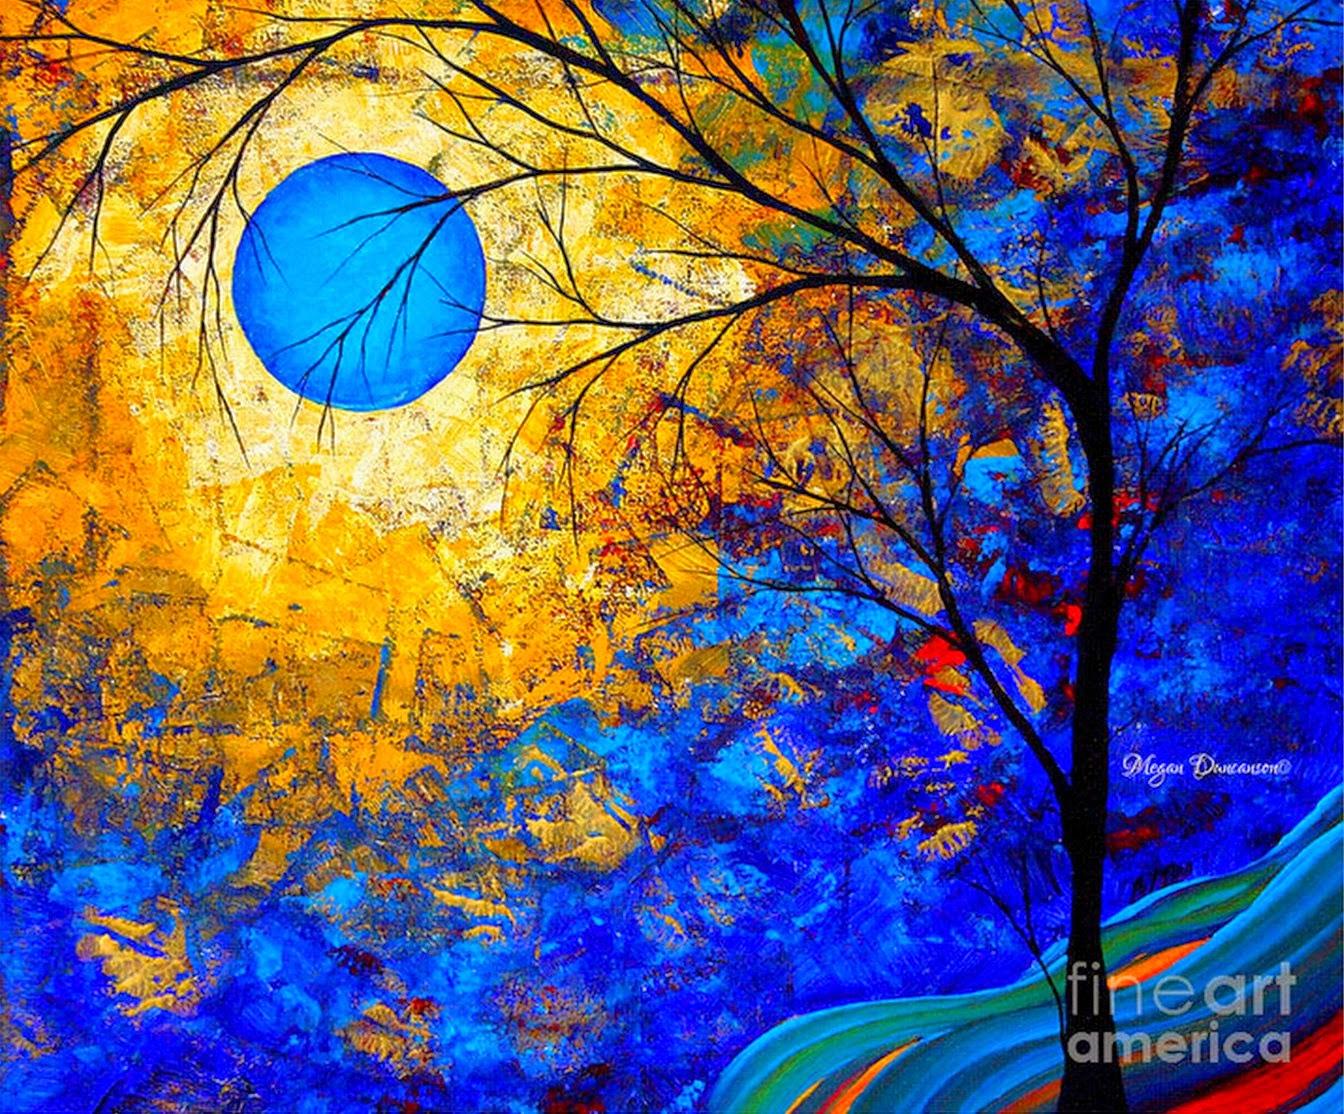 Pintura moderna y fotograf a art stica dibujos f ciles para pintar con acr lico minimalismo - Imagenes para cuadros ...